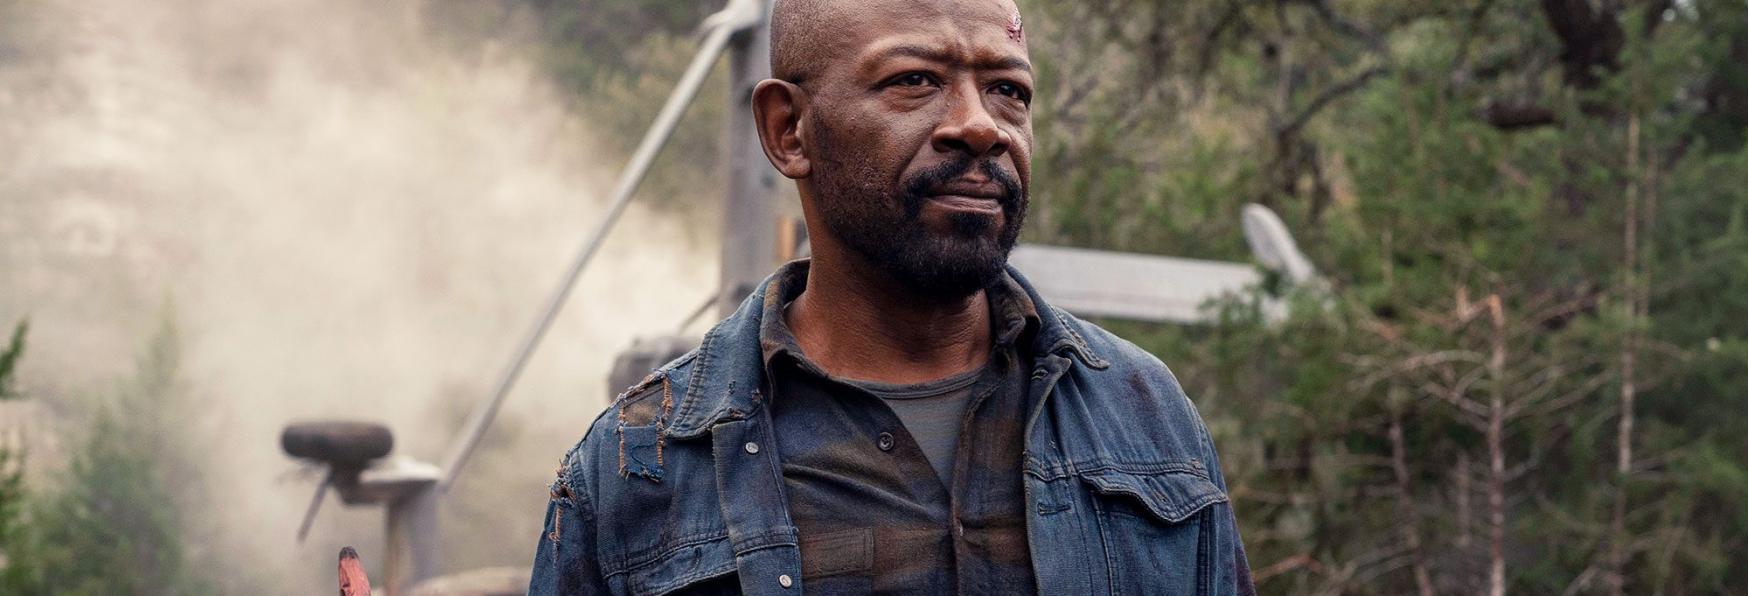 The Walking Dead: due Personaggi dello Spin-off potrebbero tornare nella Serie Principale